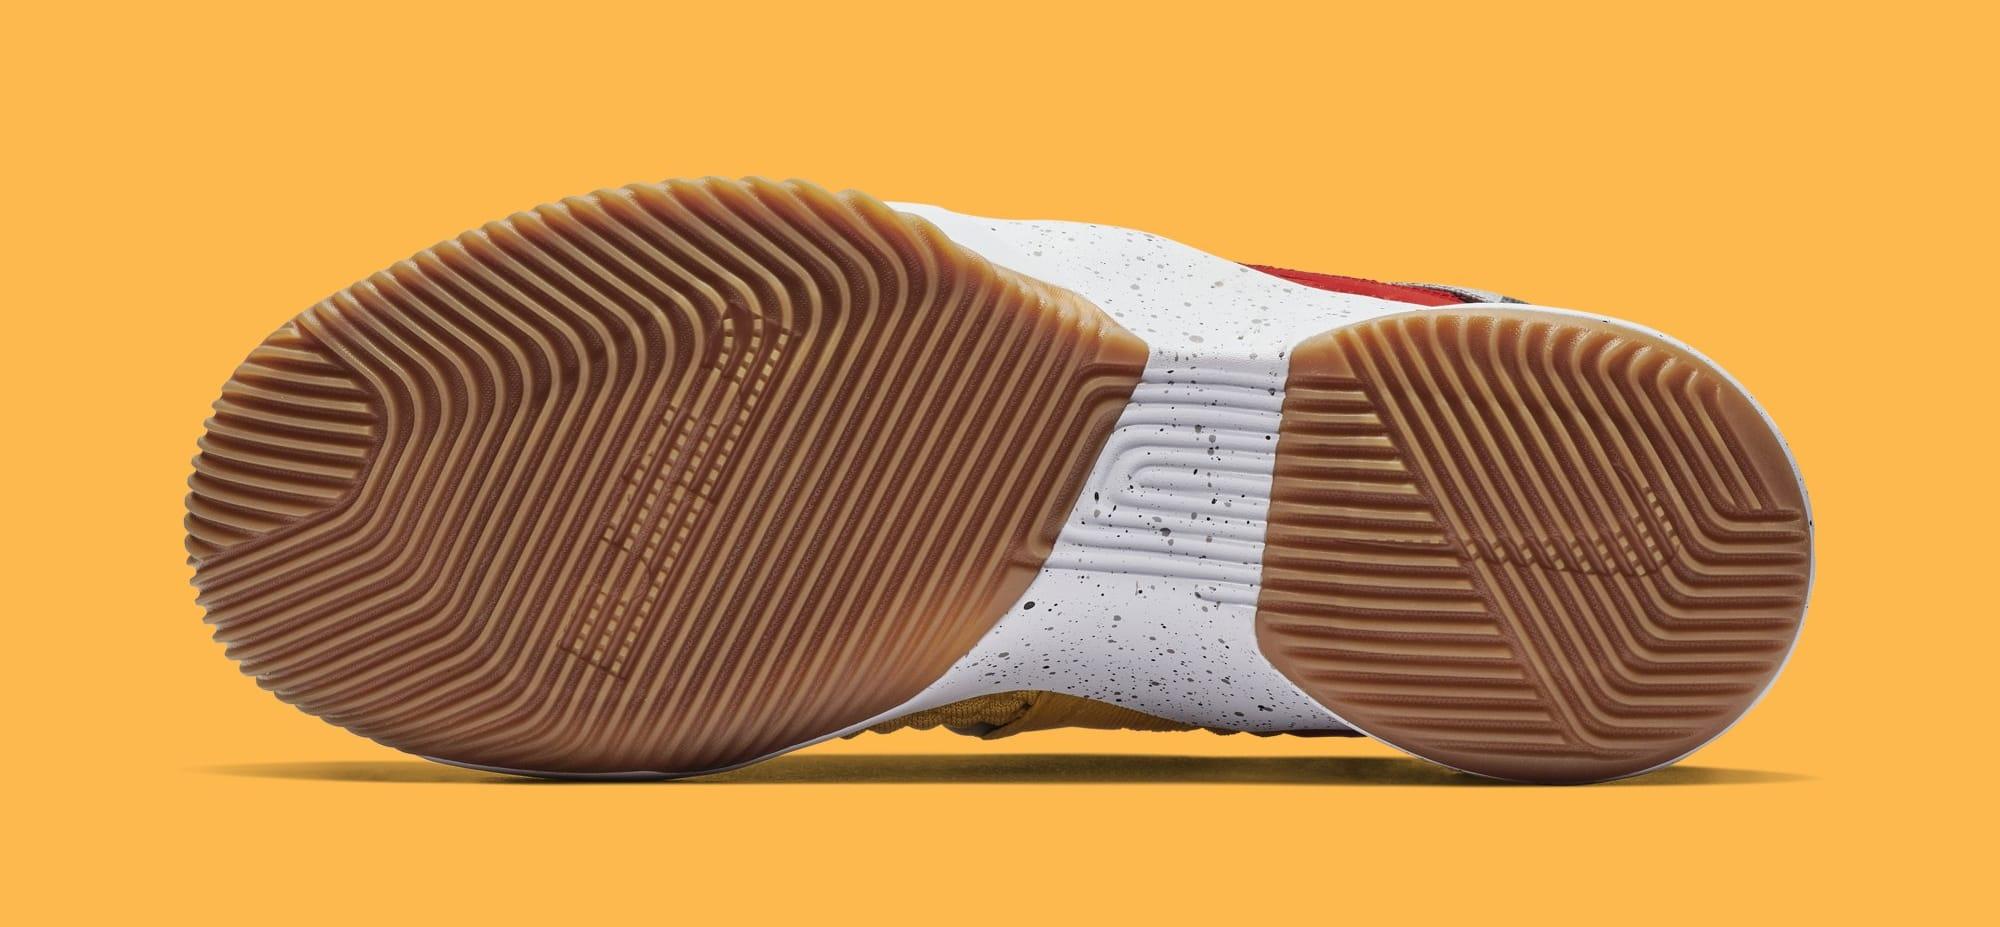 info for 40b68 f3607 Nike LeBron Soldier 12 FlyEase 'Arthur' AV3812-700 Release ...